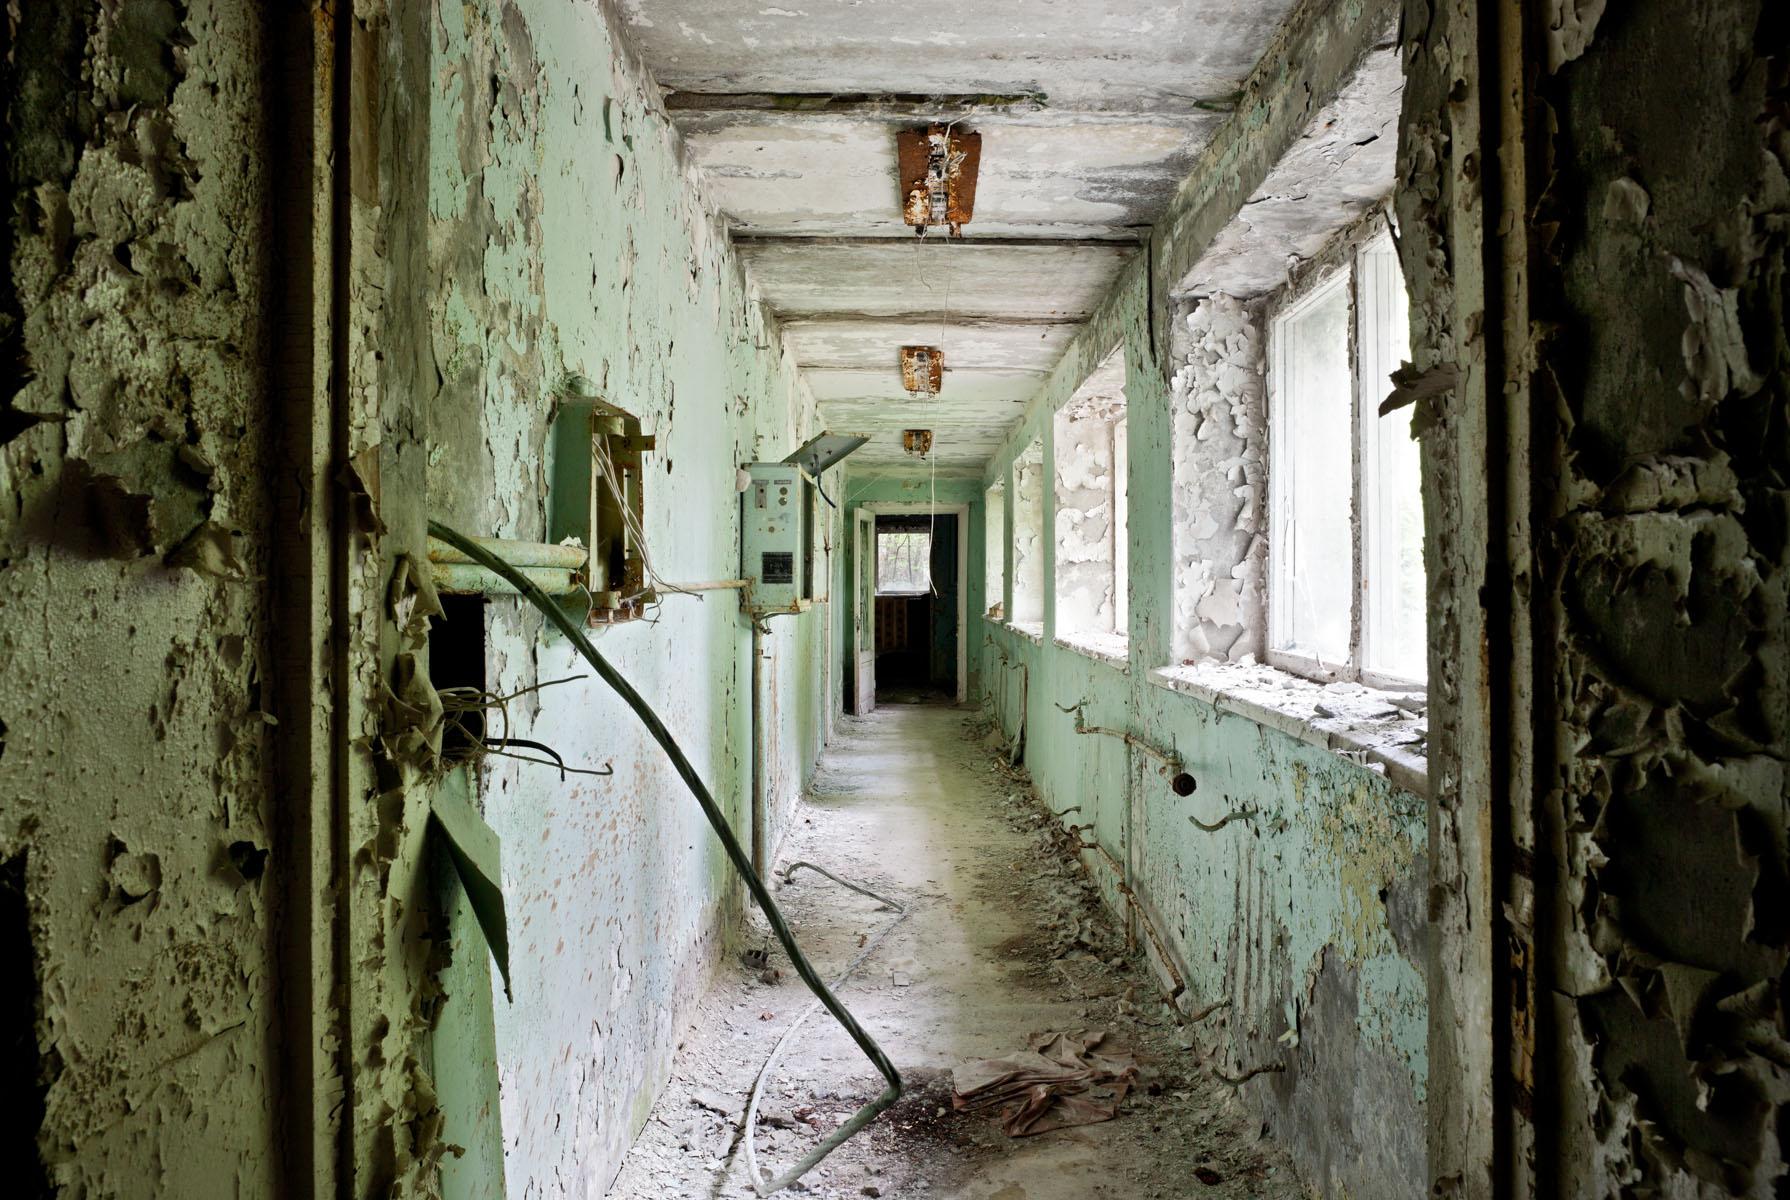 chernobyl_pripyat_20